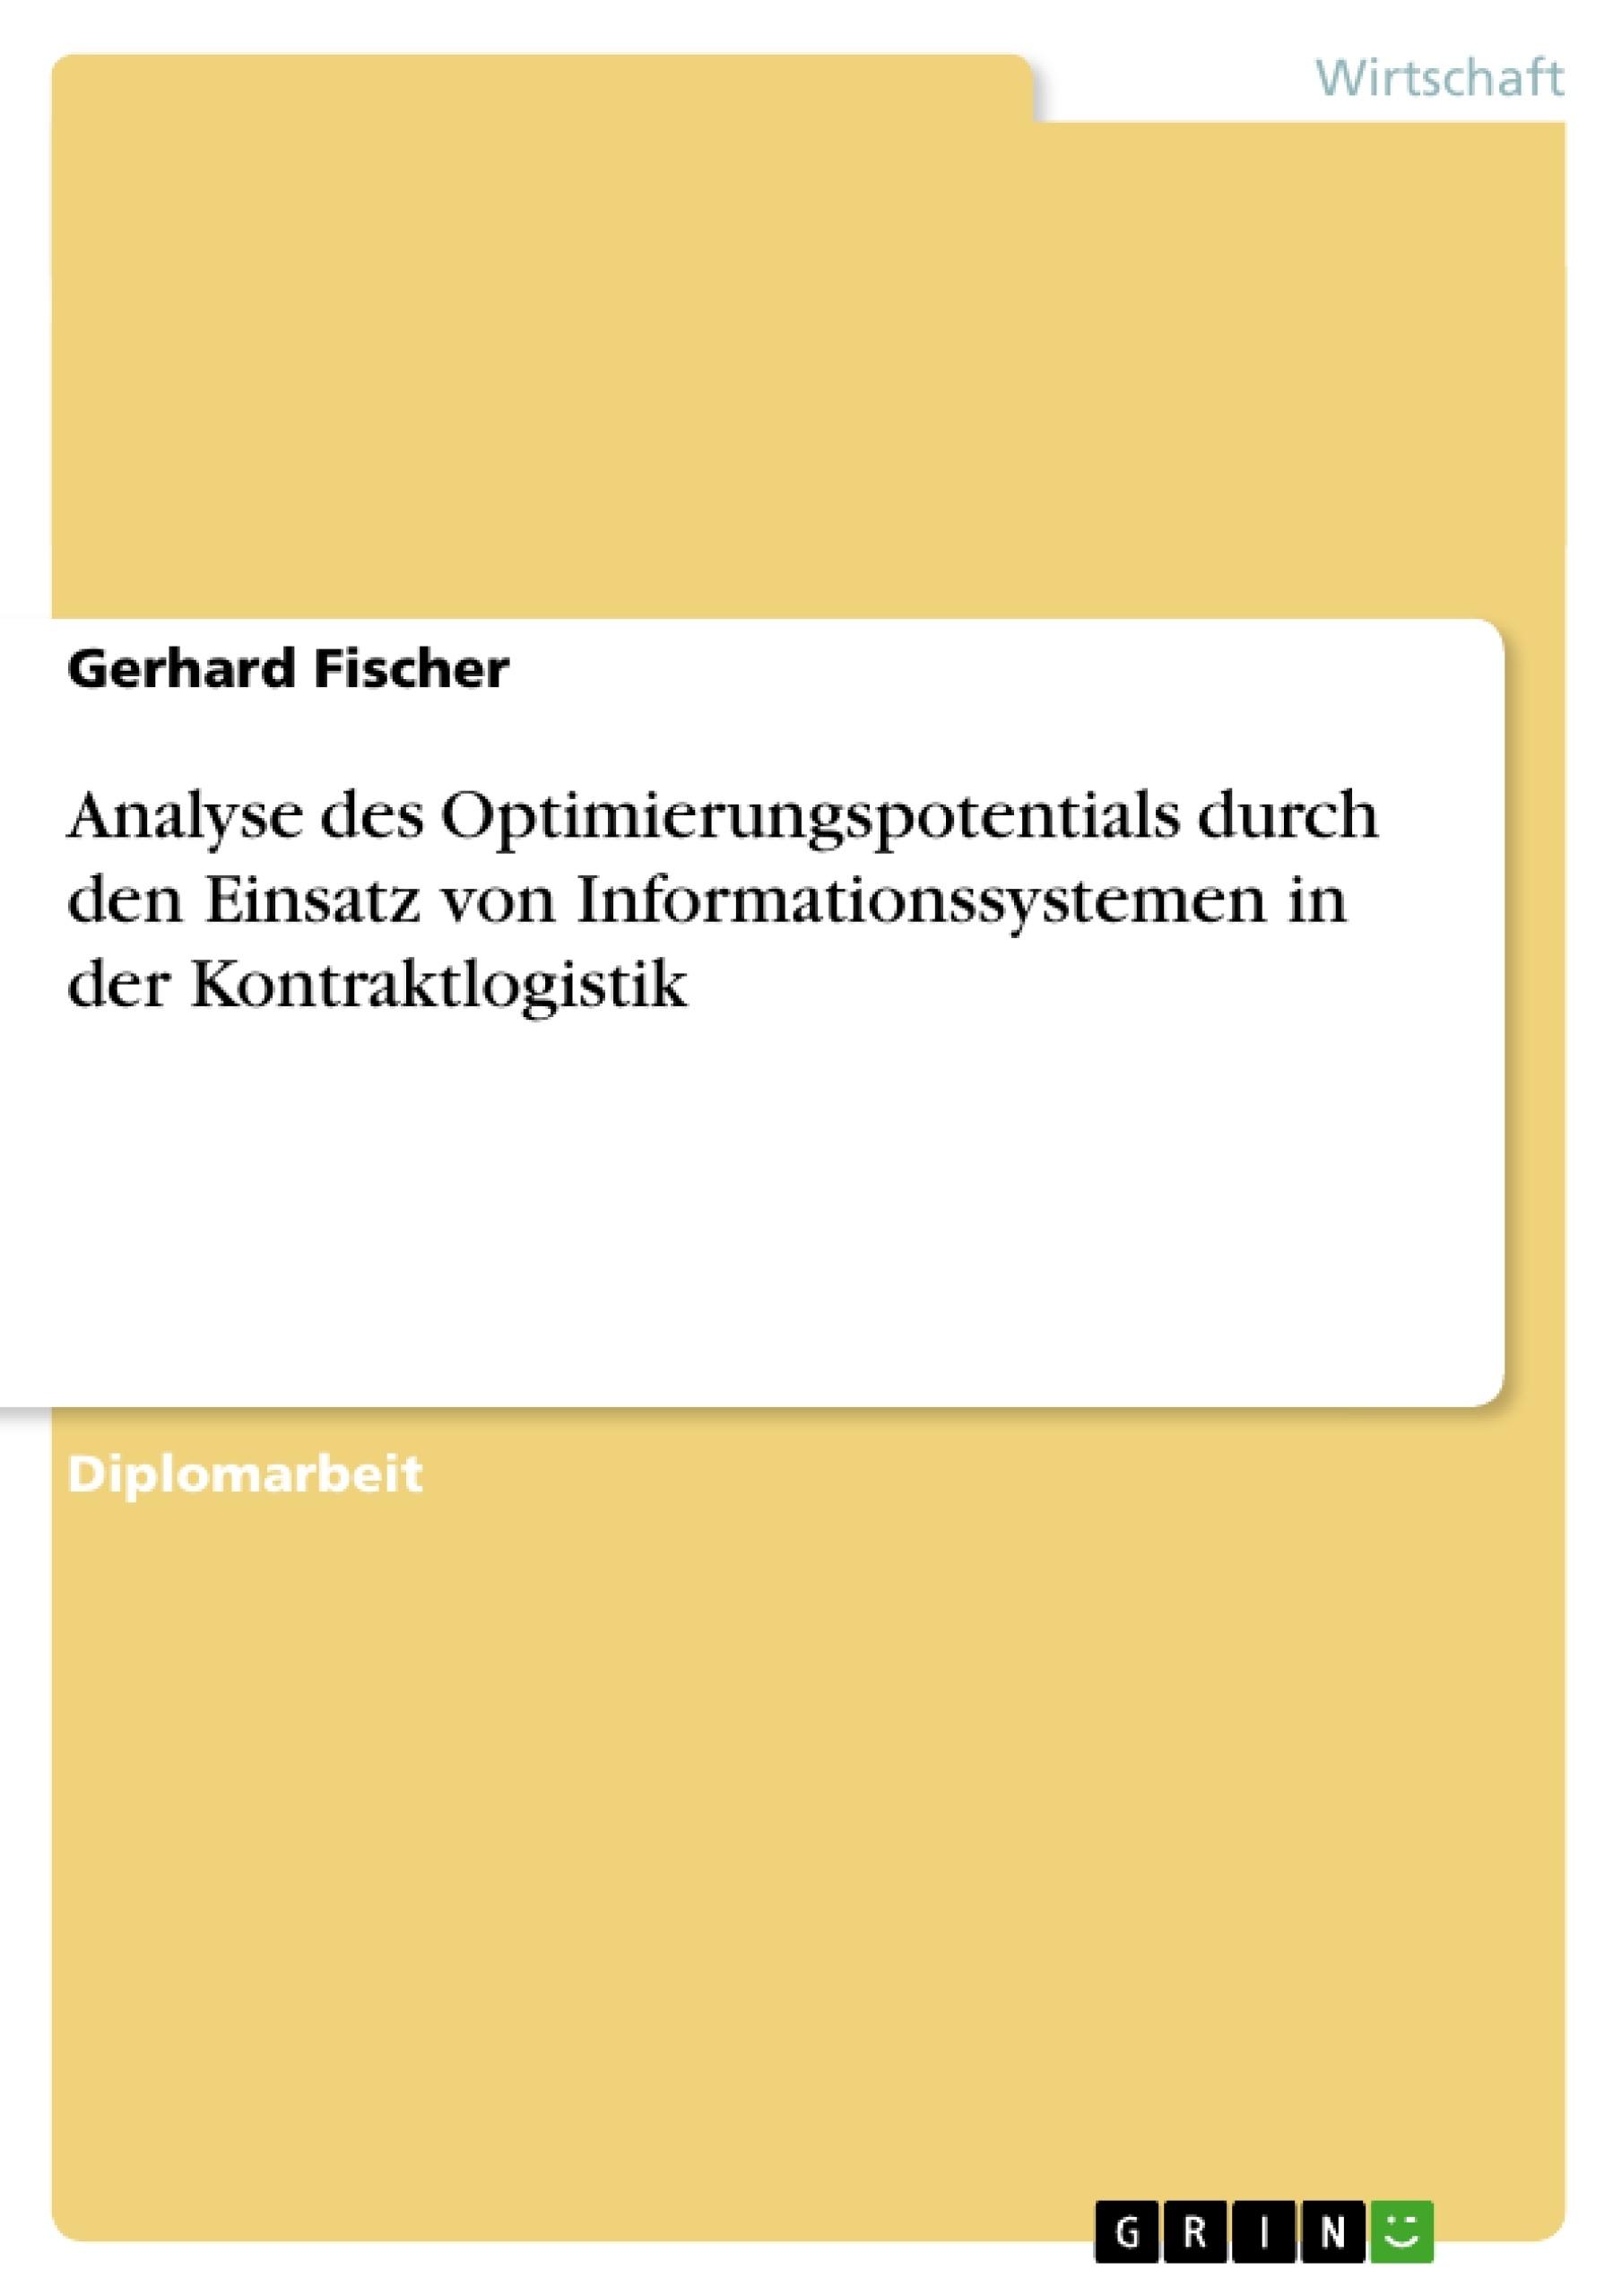 Titel: Analyse des Optimierungspotentials durch den Einsatz von Informationssystemen in der Kontraktlogistik